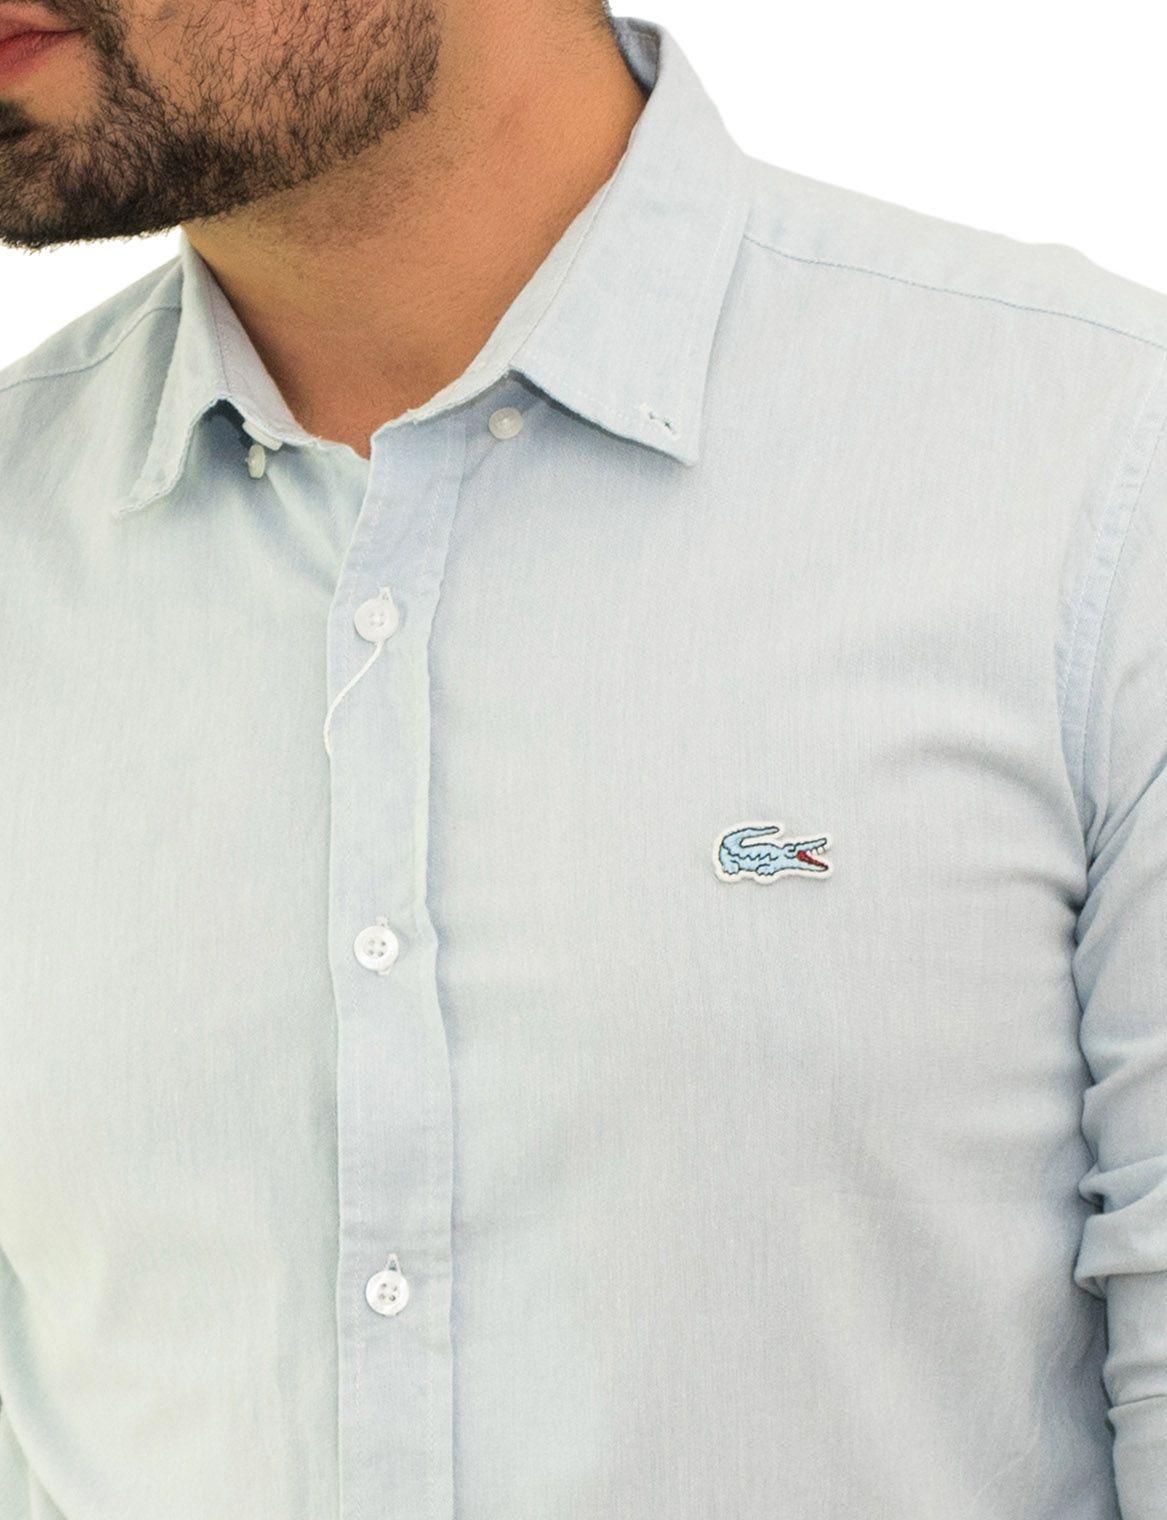 Camisa Social LCT Oxford Azul Claro  - Ca Brasileira